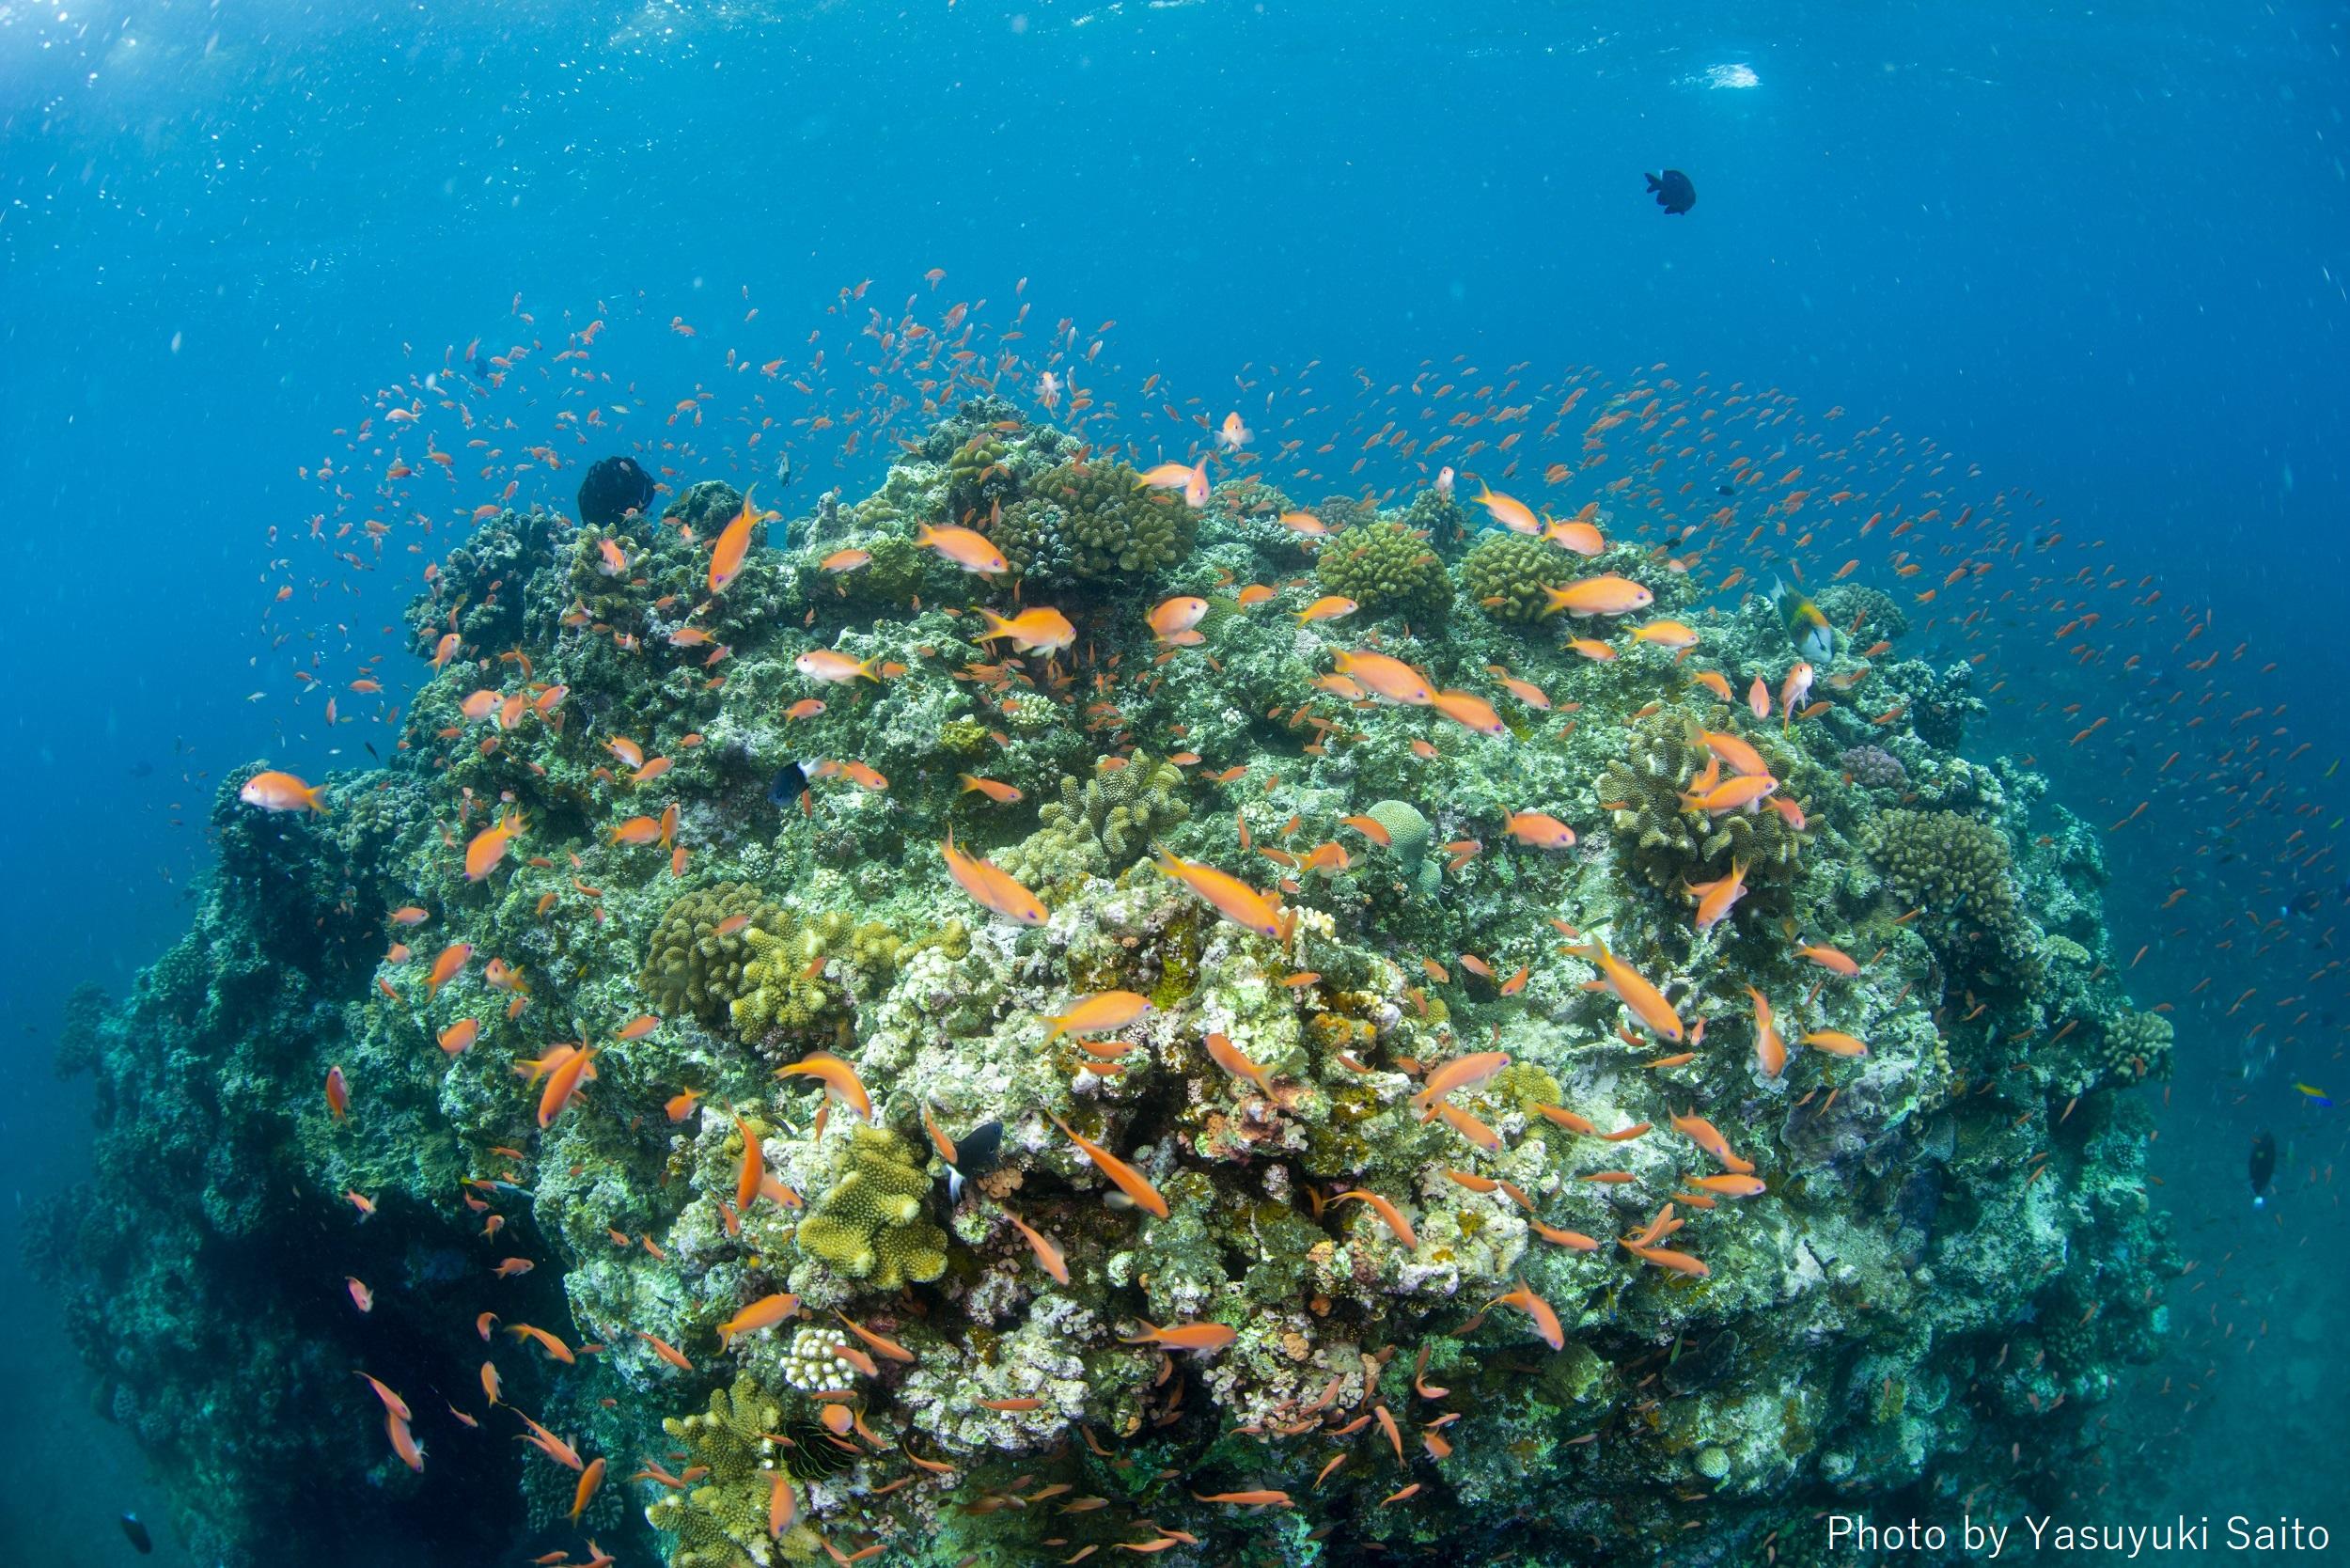 石垣島「樹下美人」 海、そして海に棲む生きものたちのために私たちはなにができるだろう